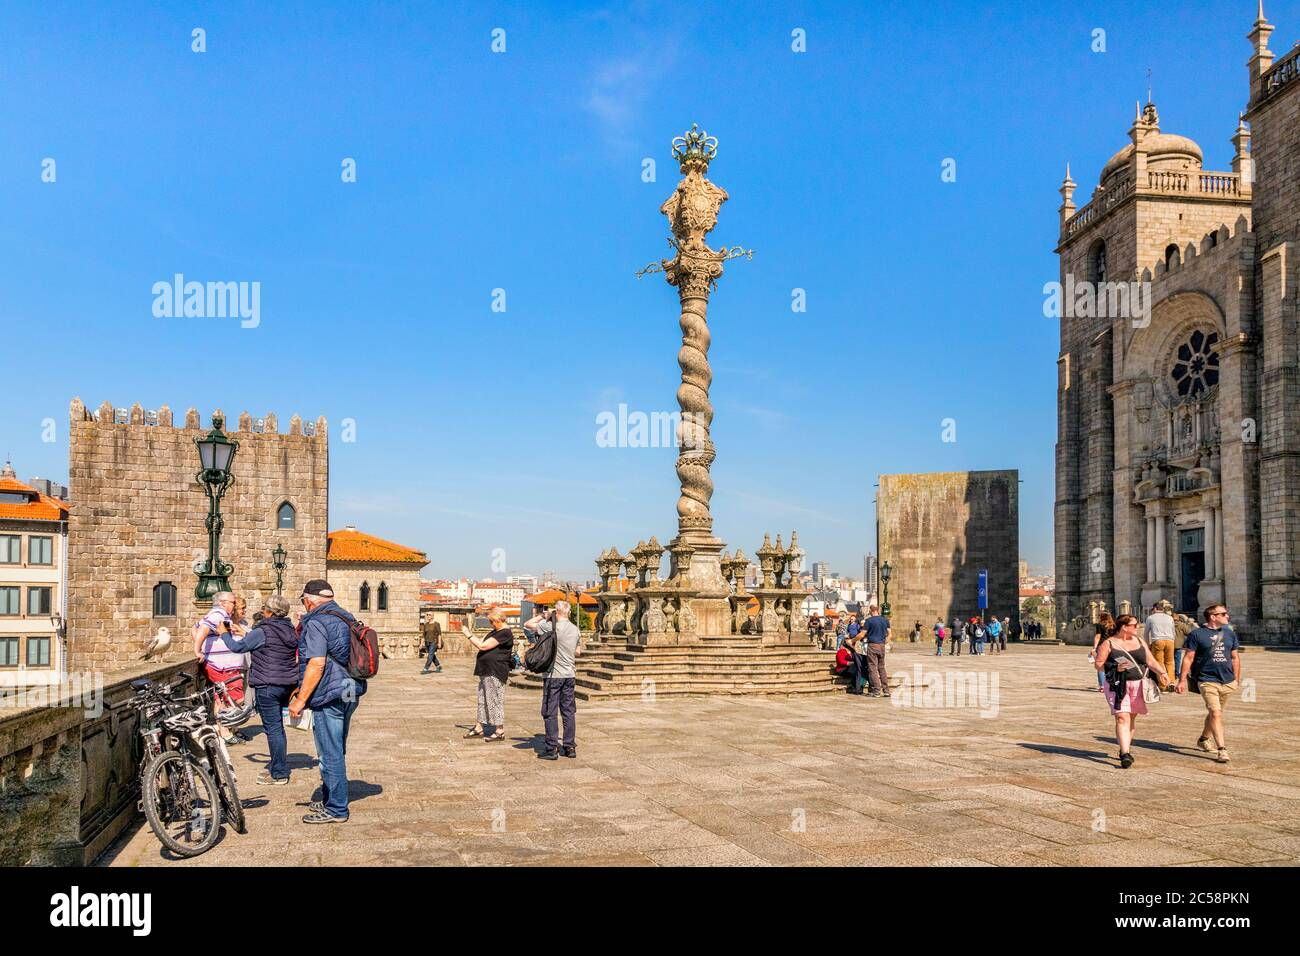 10. März 2020: Porto, Portugal - die Pelourinho oder Pranger von Porto, die auf dem Platz am westlichen Ende der Kathedrale steht. Stockfoto